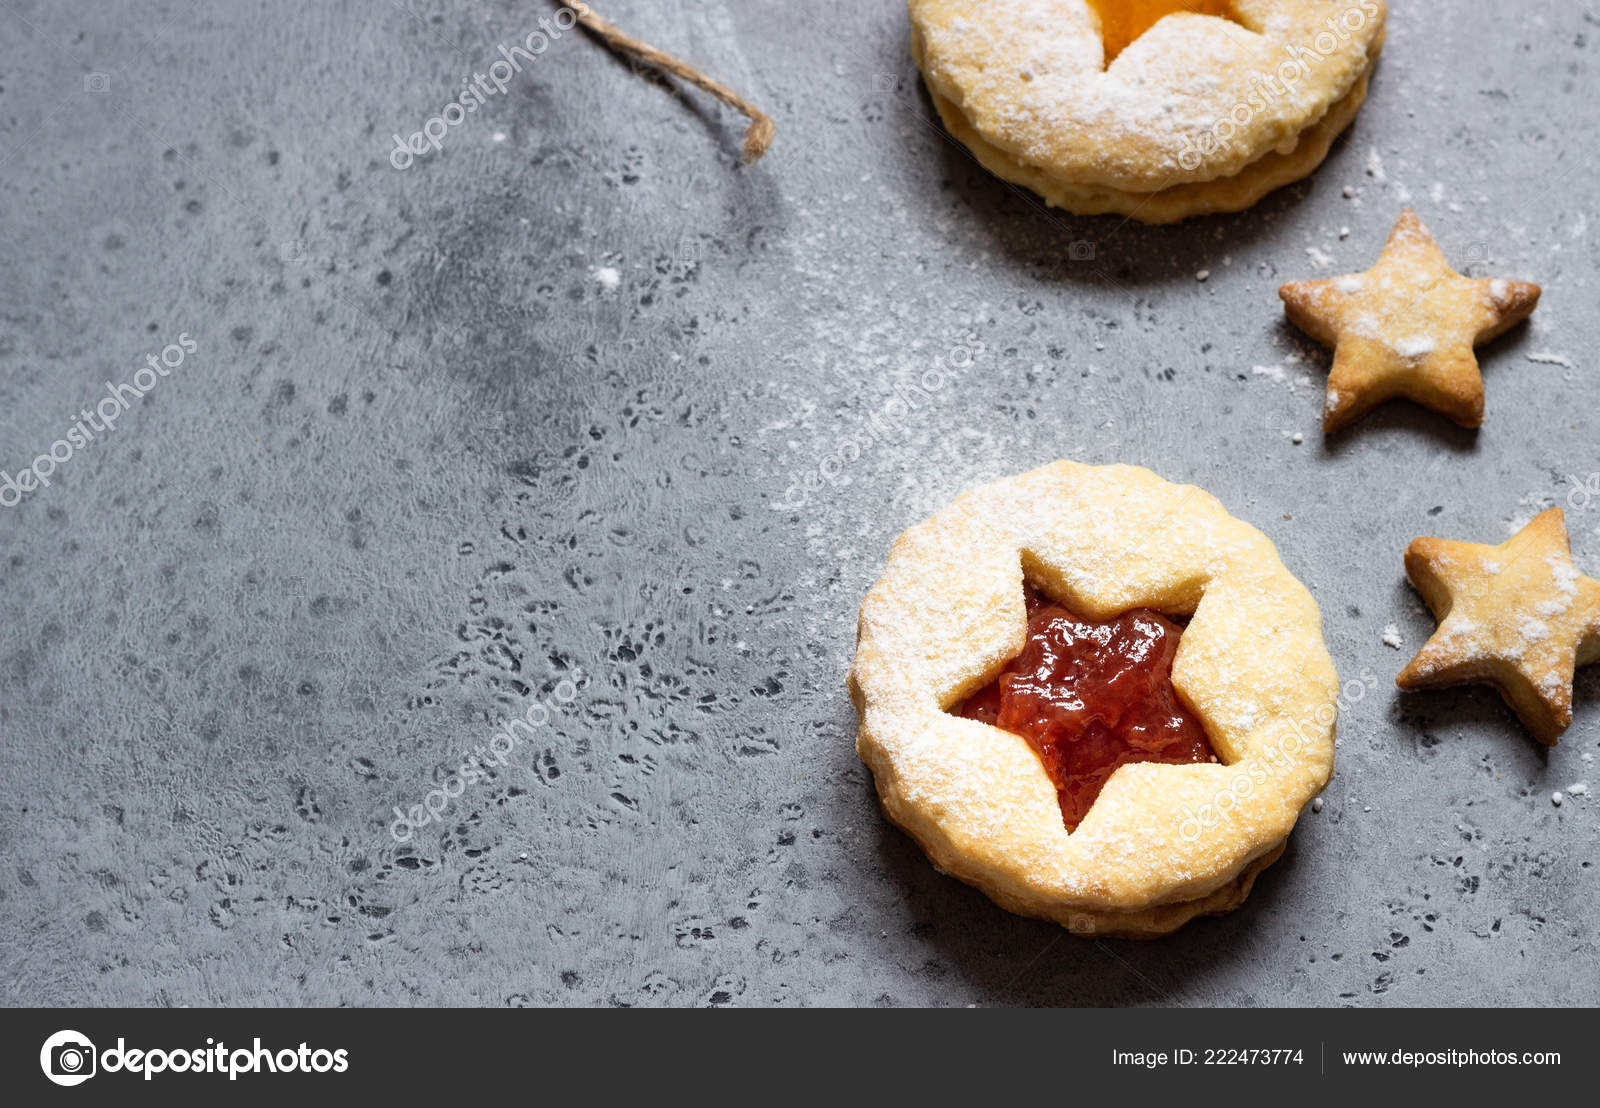 Biscotti Di Natale Con Marmellata.Natale Capodanno Biscotti Fatti Casa Con Marmellata Rosso